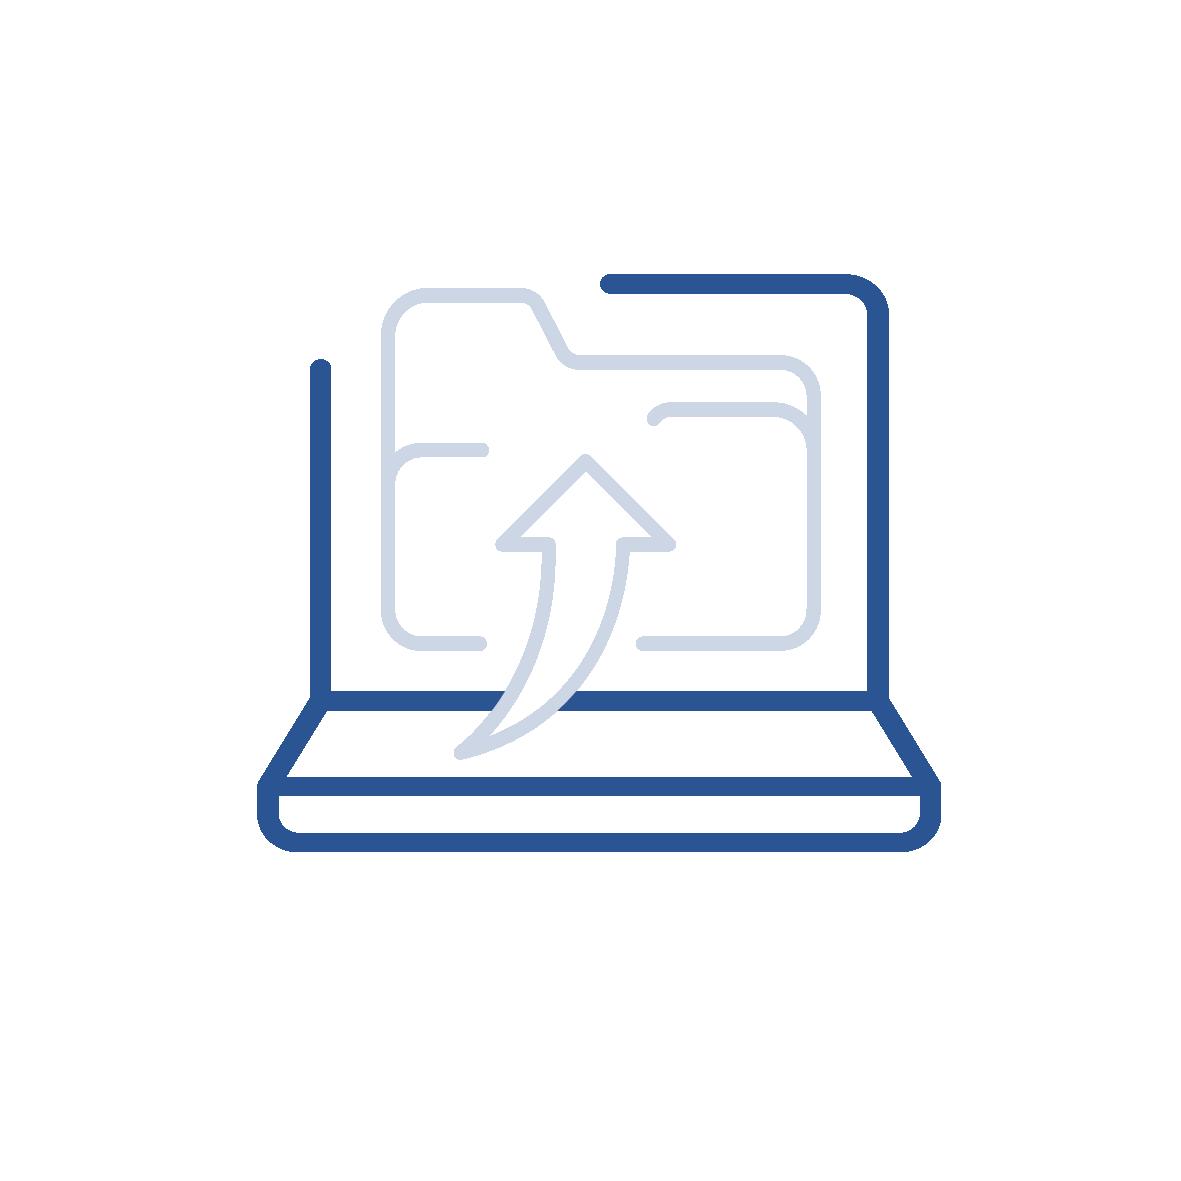 Oversikt over dokumenter på sak, og mulighet for drag-and-drop for å laste opp flere